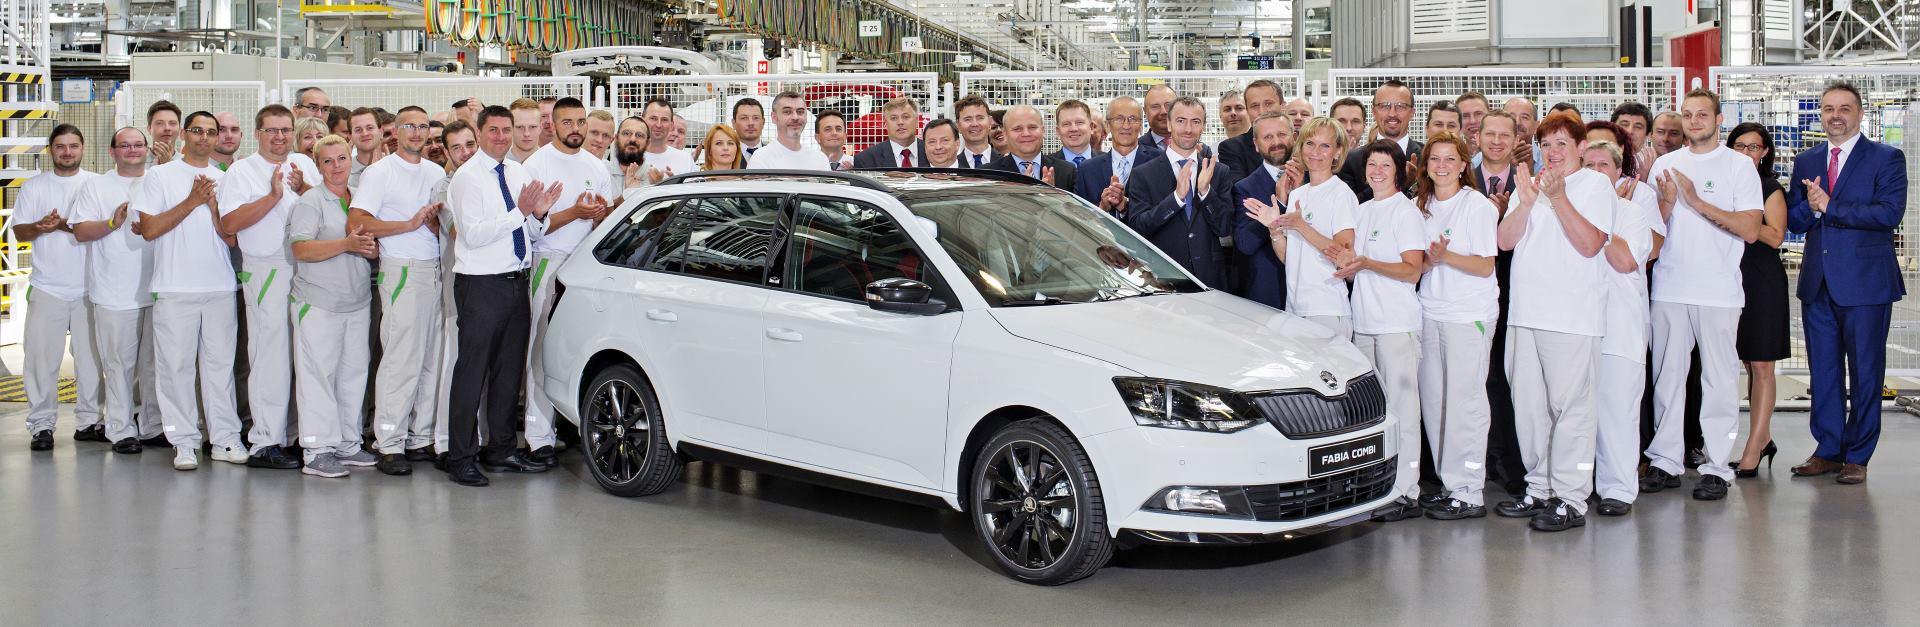 ŠKODA Češki proizvođač automobila niže proizvodne rekorde